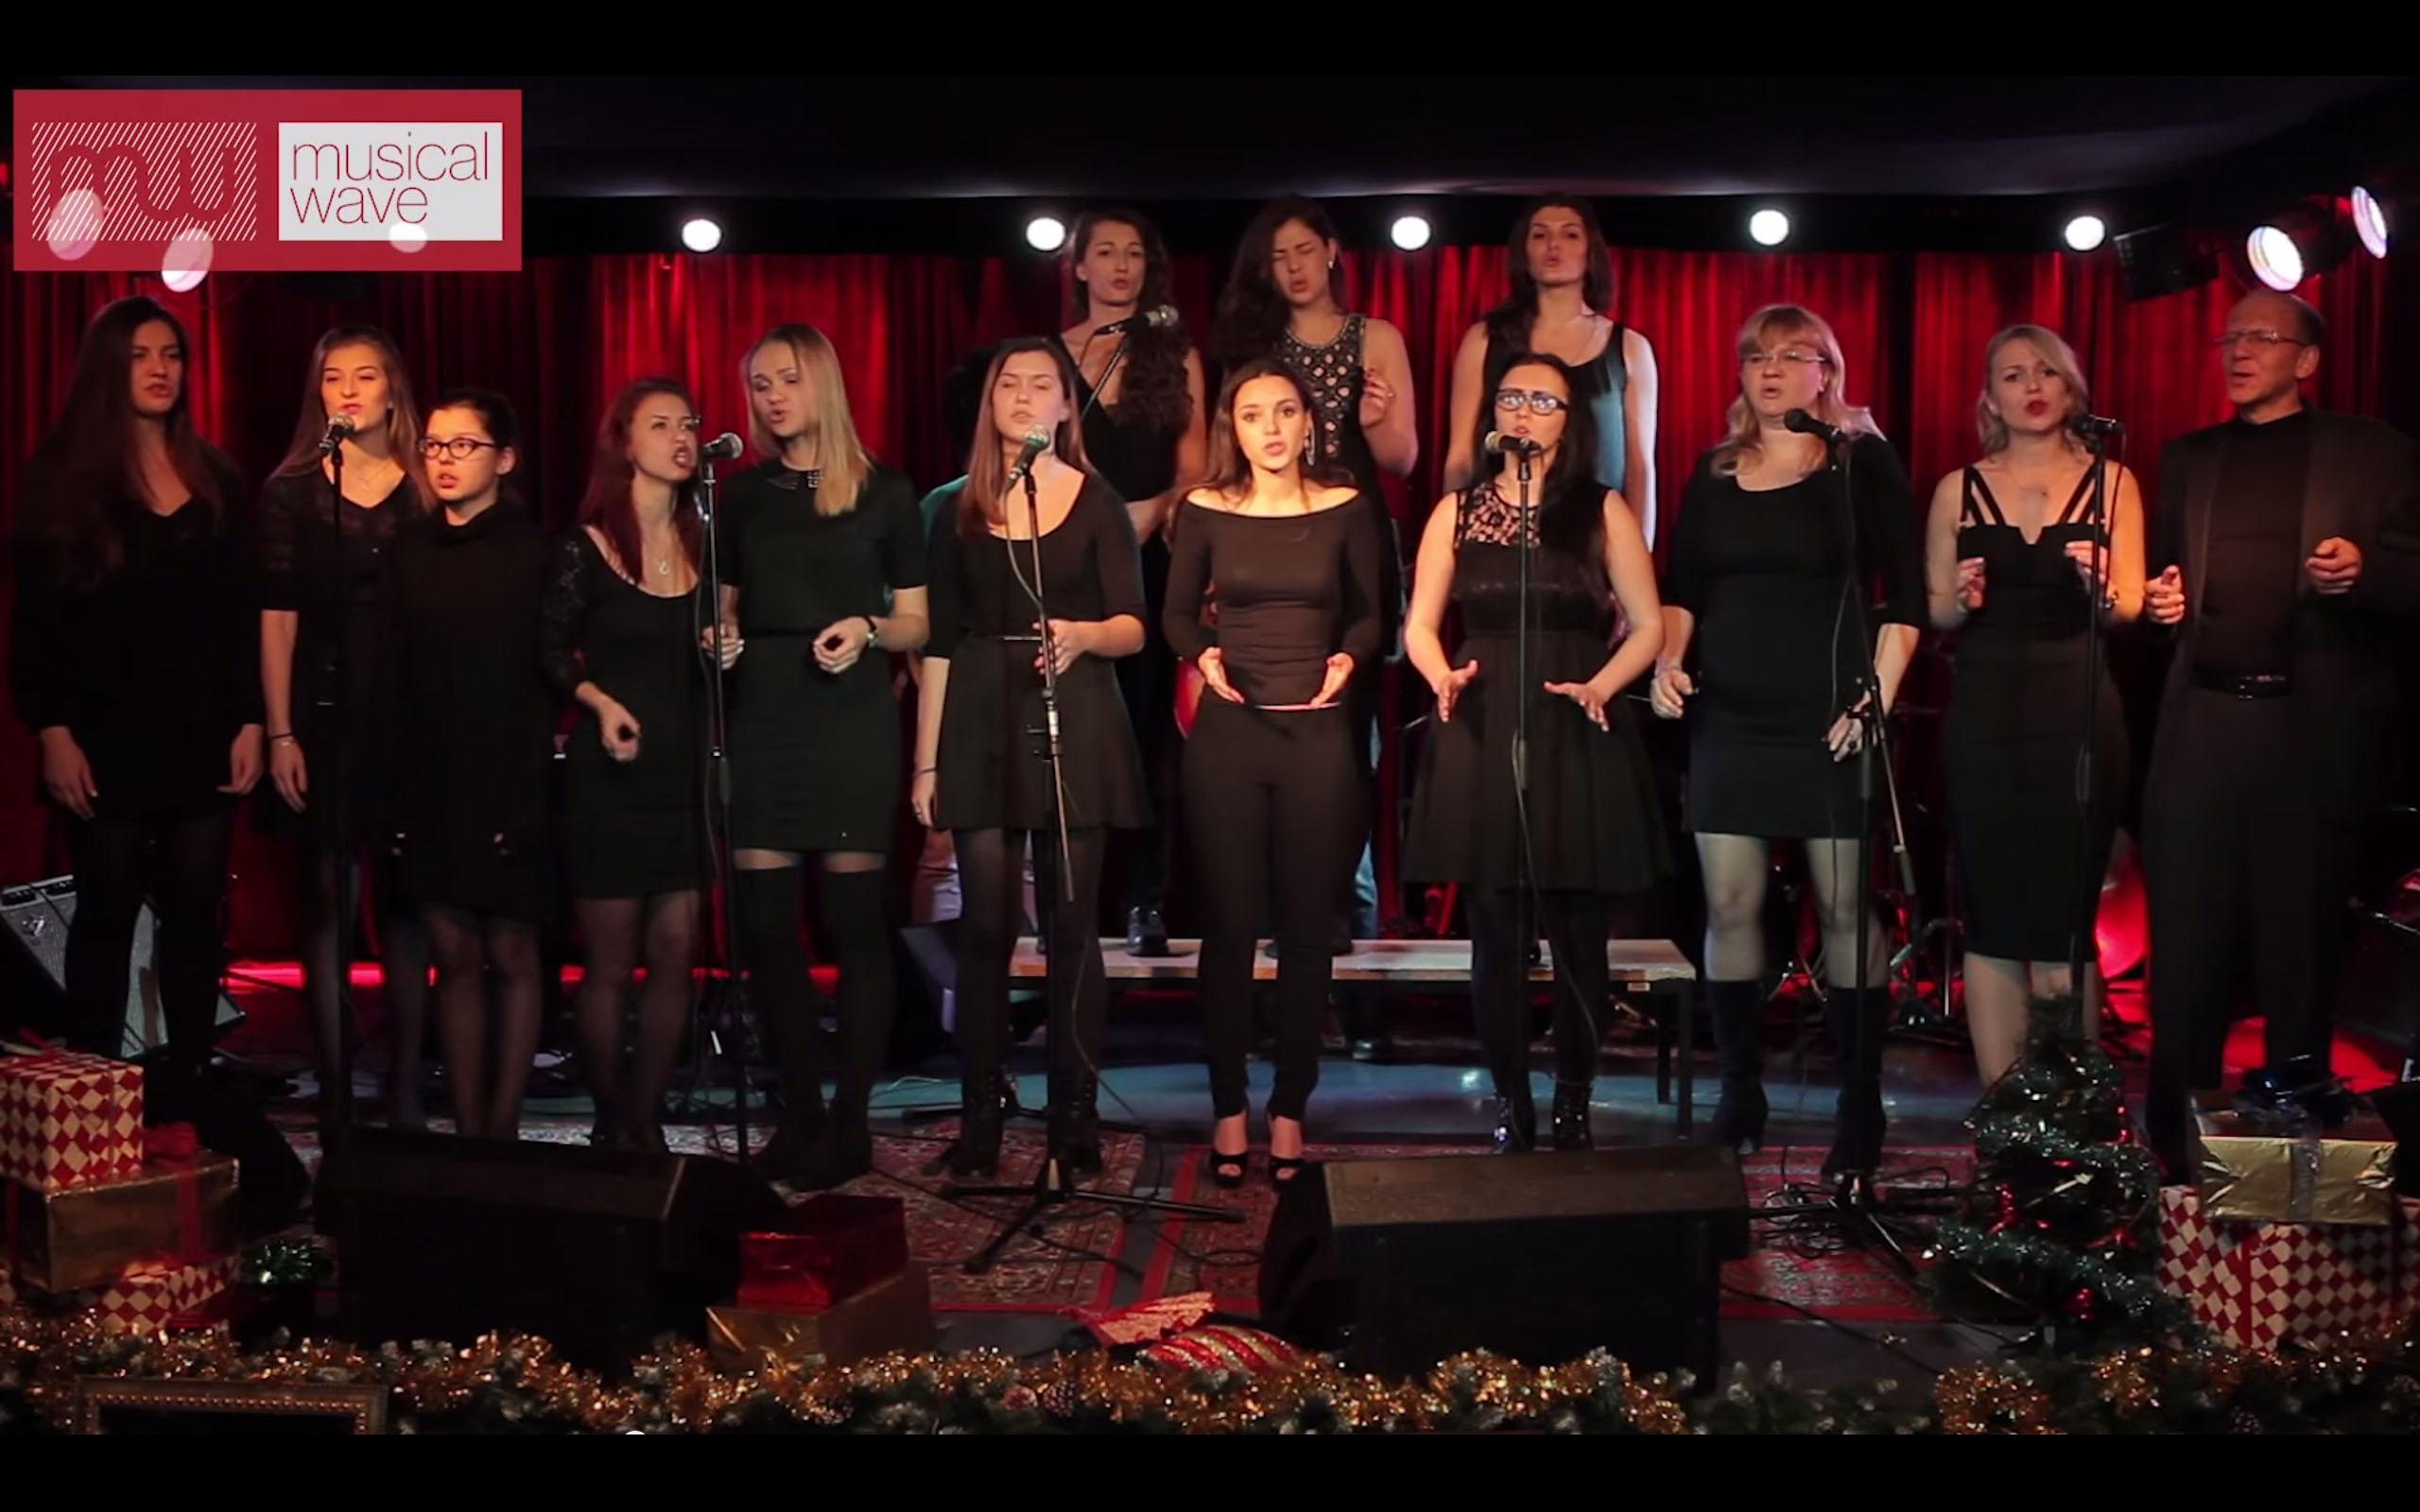 Видеоотчет с новогоднего концерта Musical Wave 21.12.2014